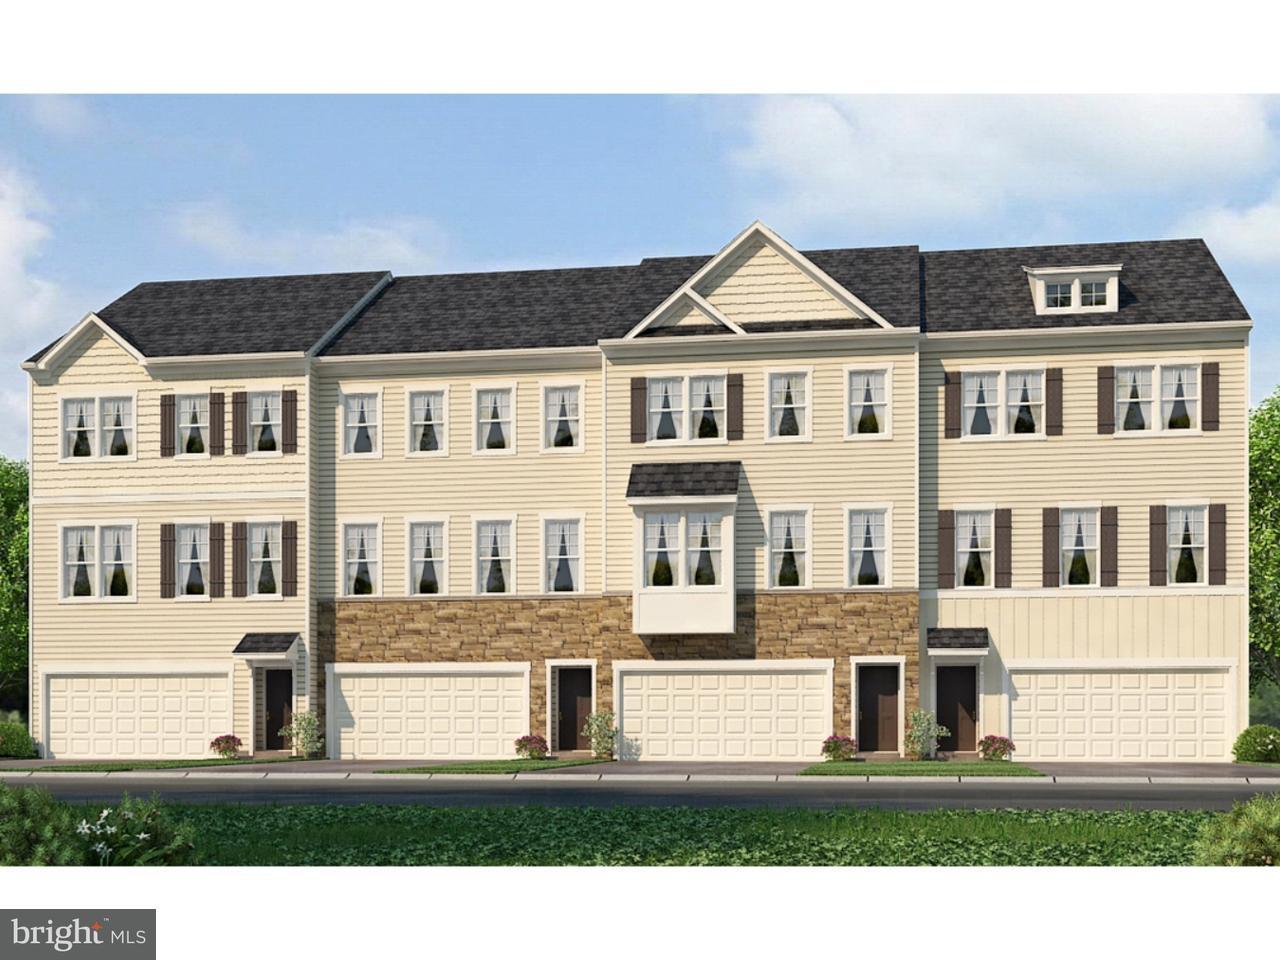 Radhus för Försäljning vid 19 SULLIVAN WAY Marlton, New Jersey 08053 Usa